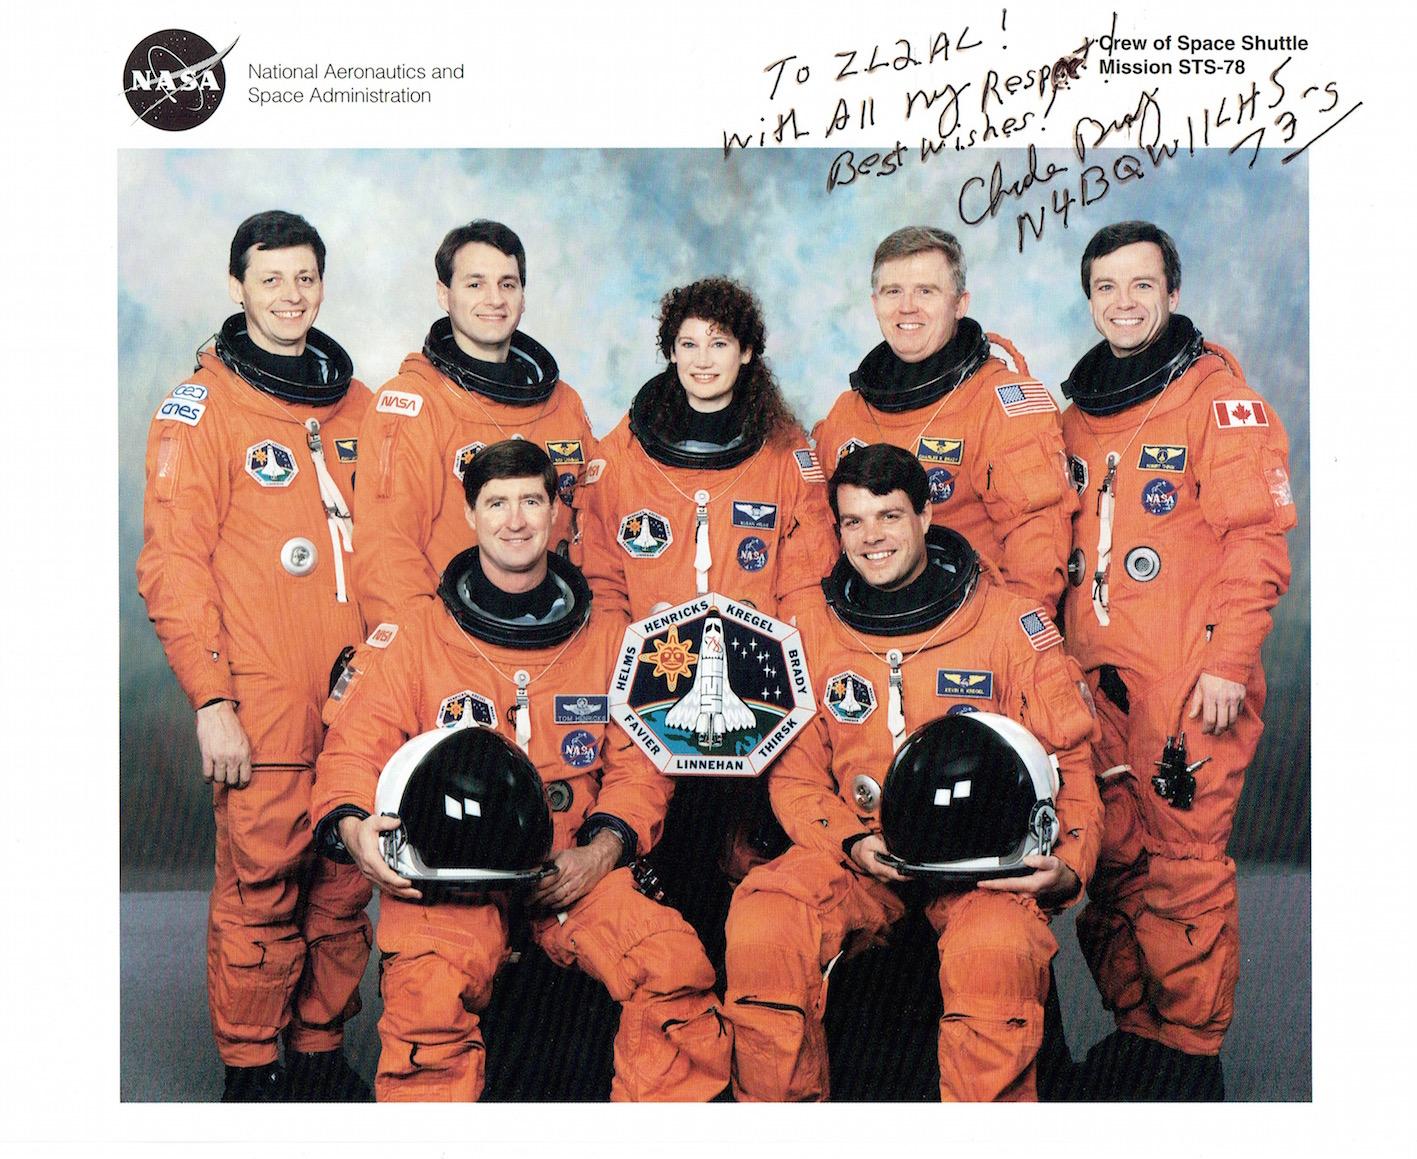 The ST-78 Crew